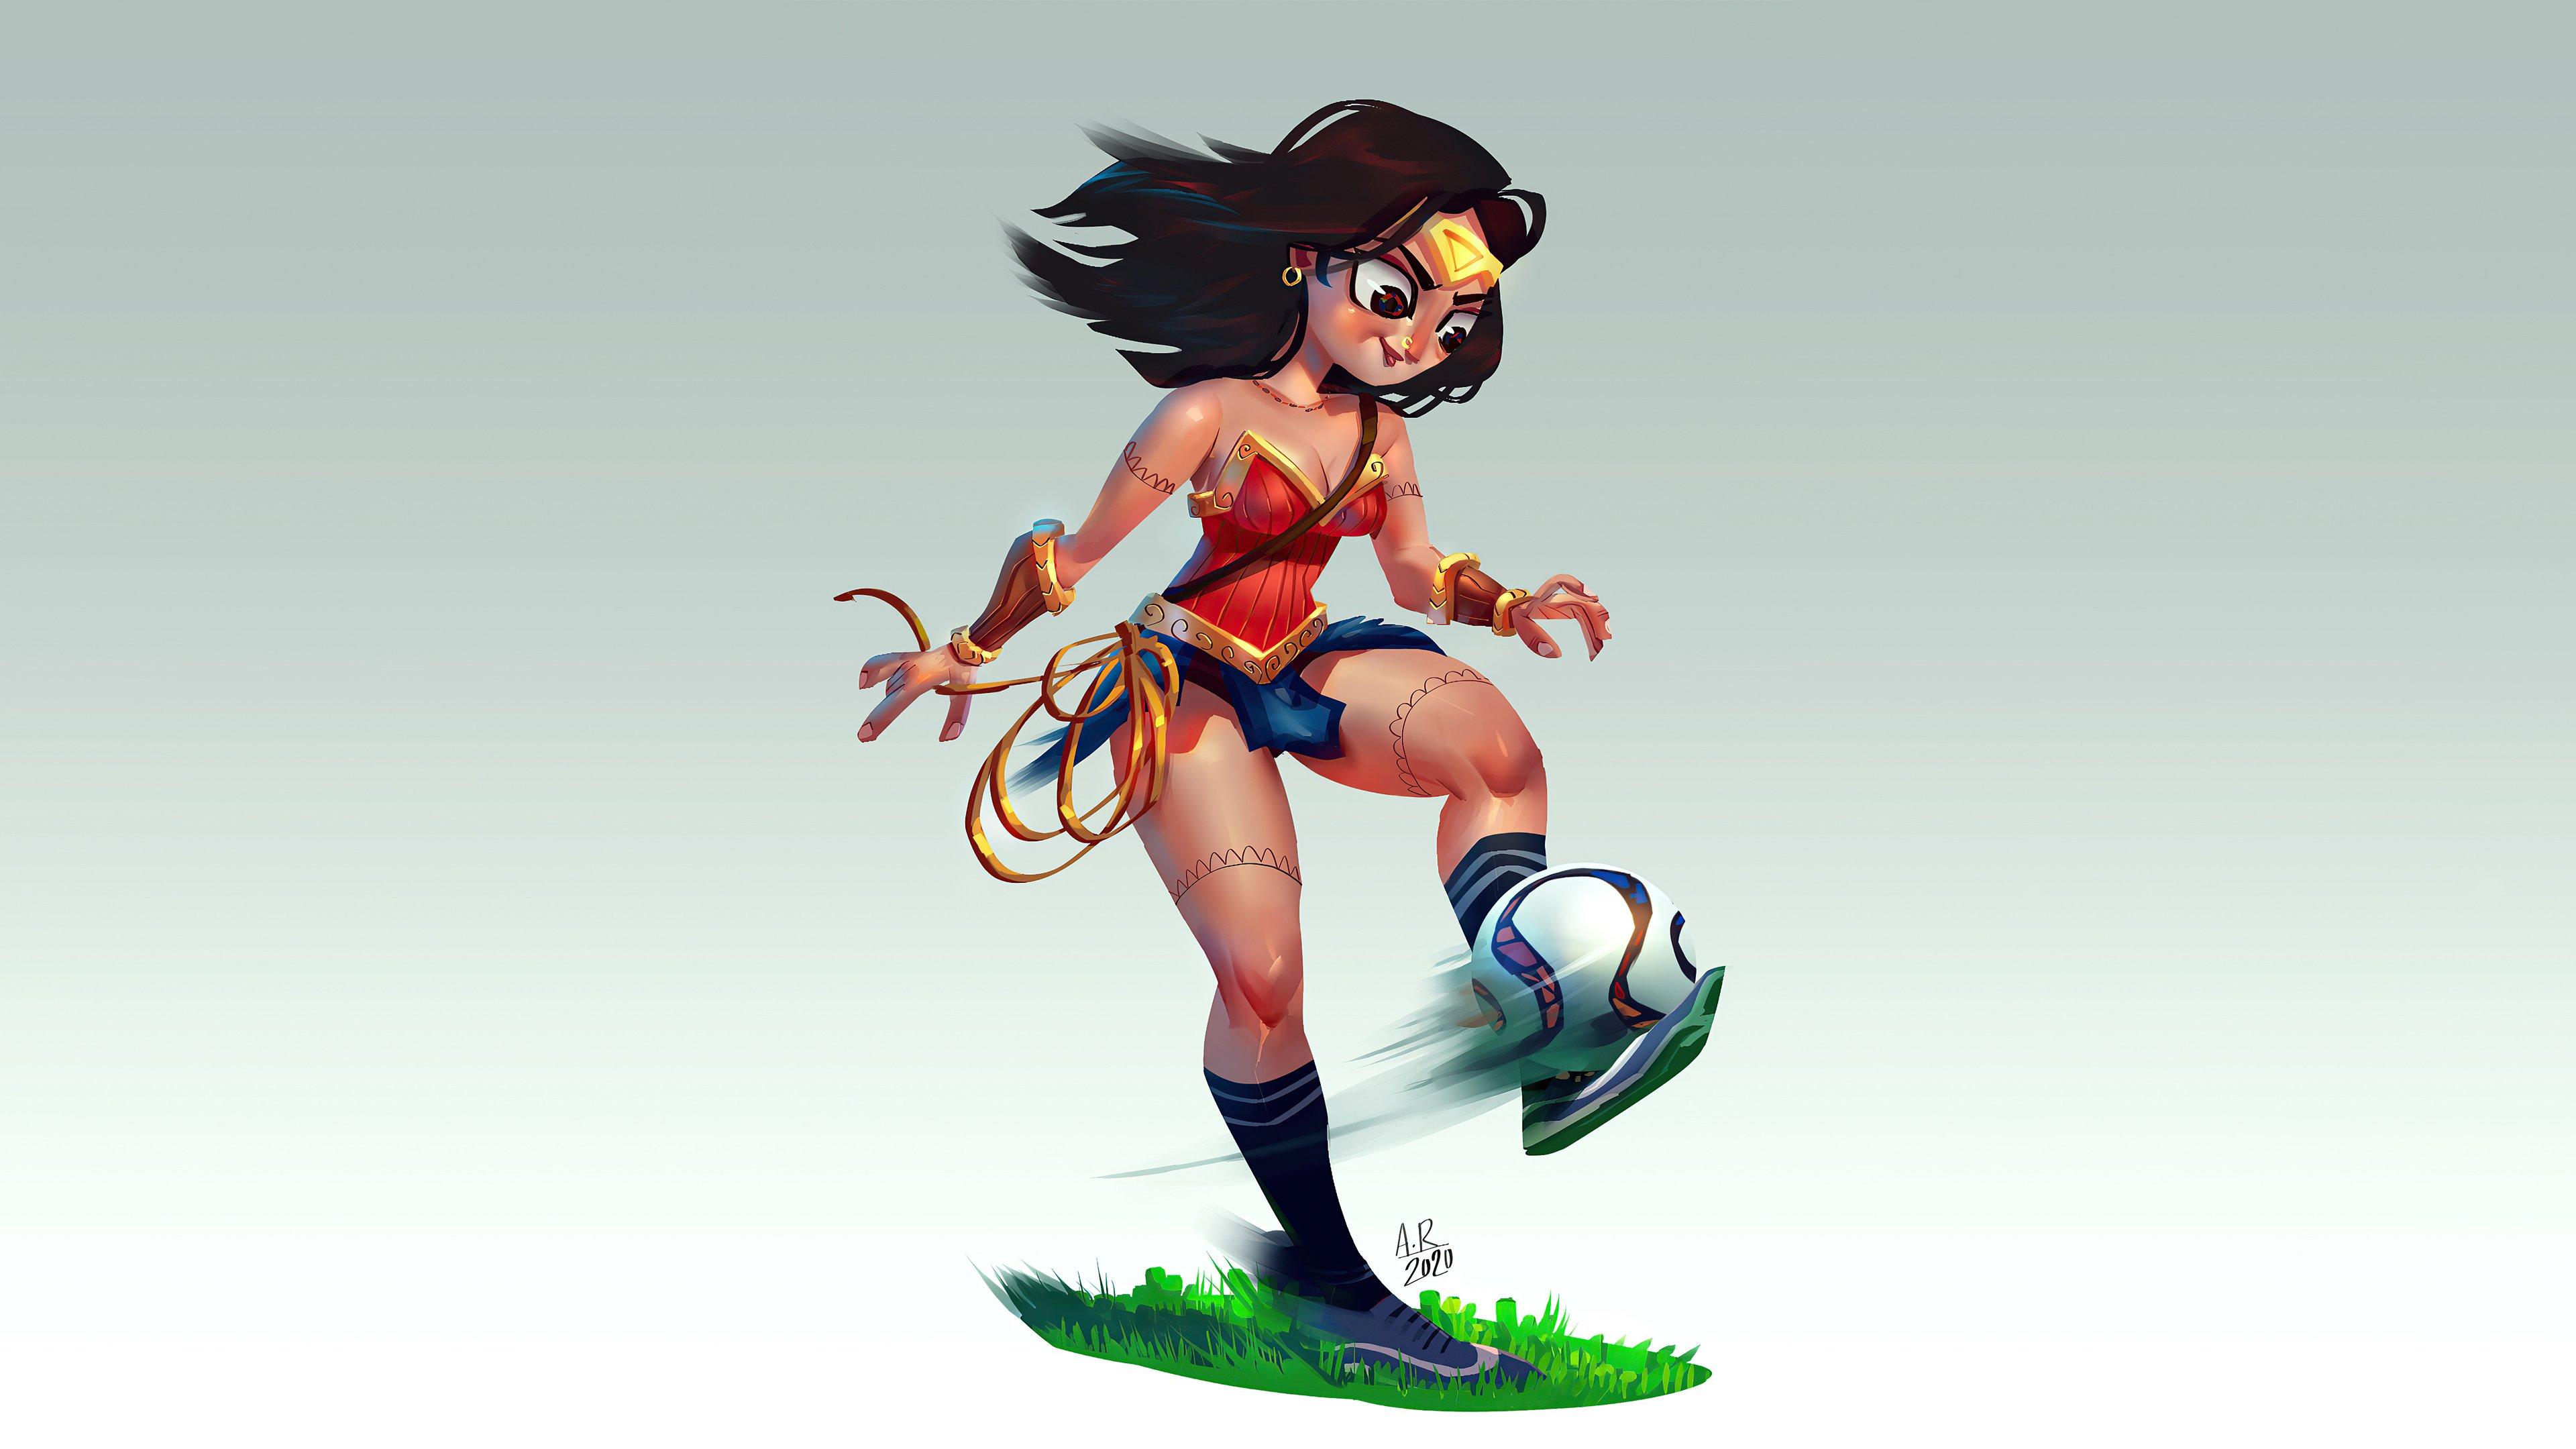 Fondos de pantalla La mujer maravilla jugando futbol